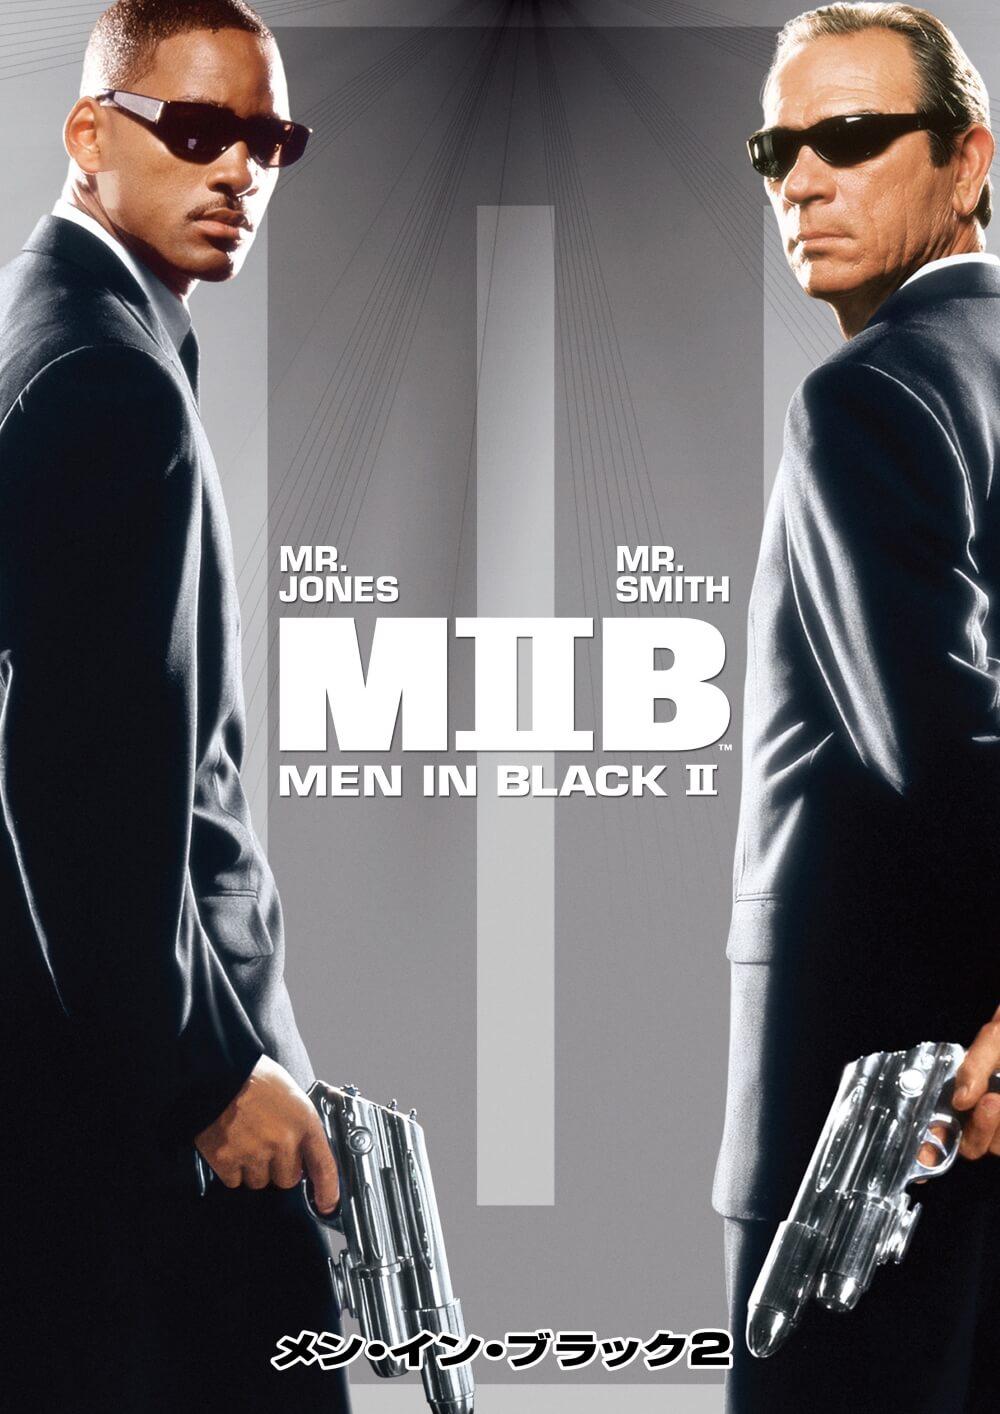 メンインブラック2のあらすじネタバレ解説!MIB2の見どころ